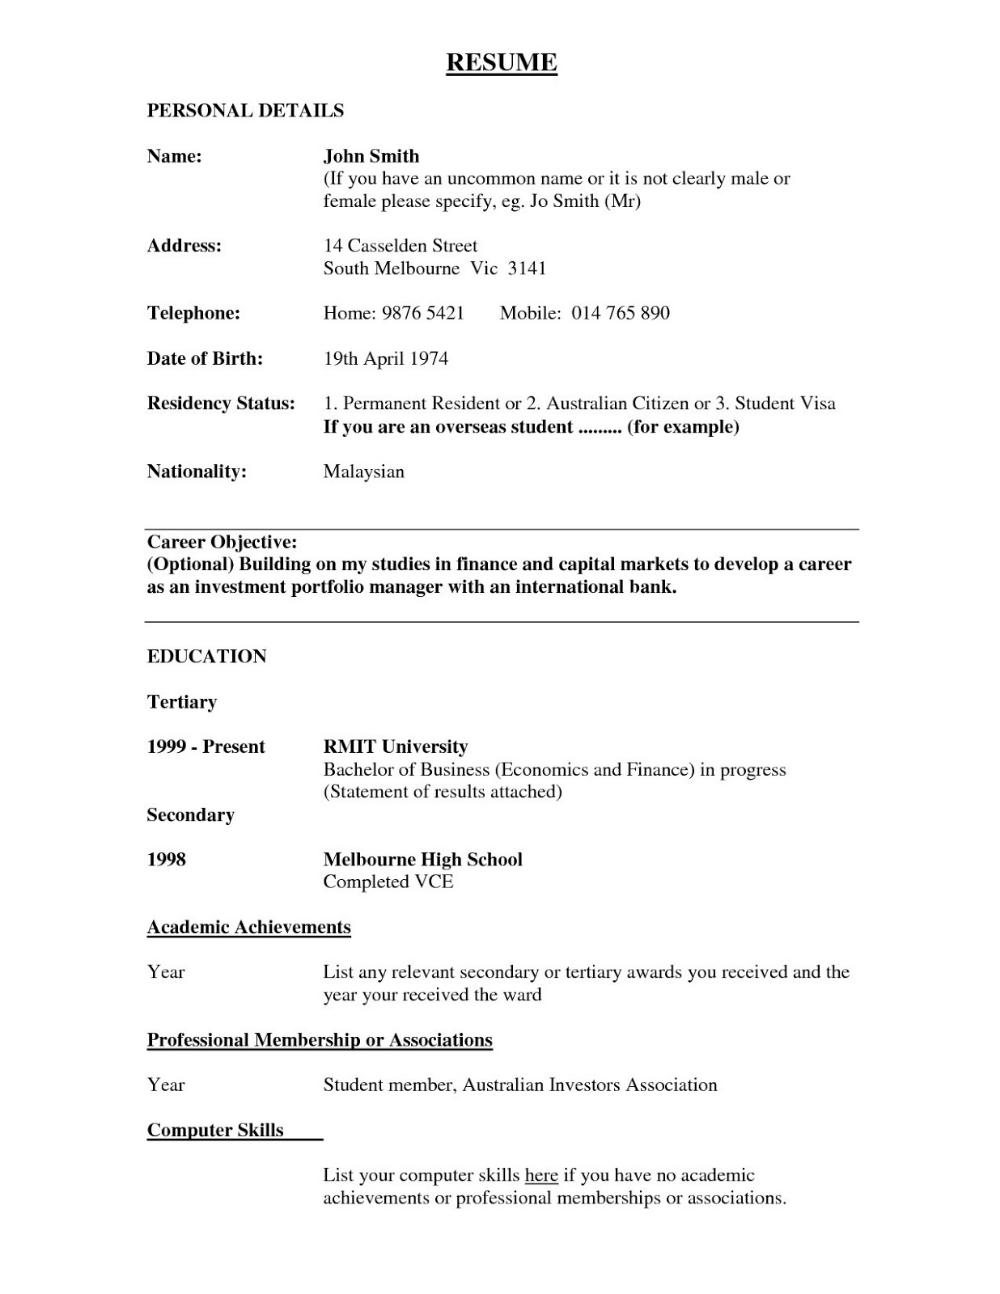 Academic Resume Examples Academic Resume Examples College Academic Resume Examples For Highschool Studen Bank Teller Resume How To Make Resume Job Cover Letter